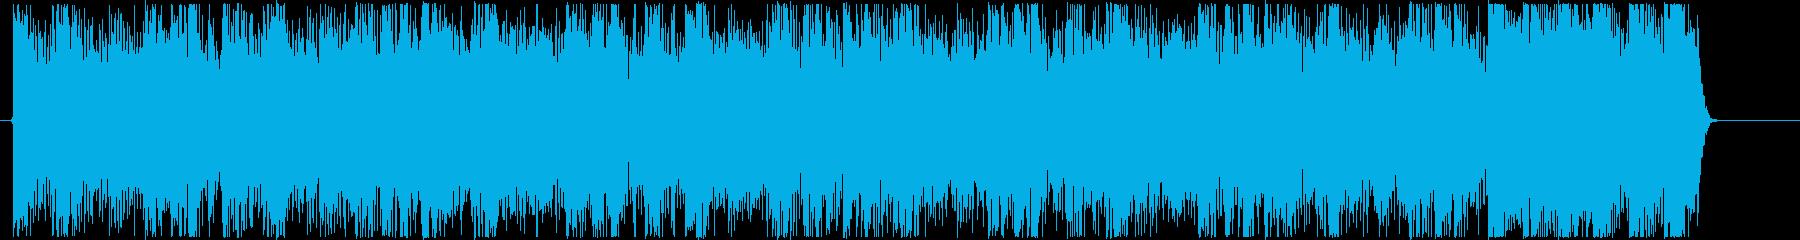 疾走感のあるハイテンポなデジタルロックCの再生済みの波形